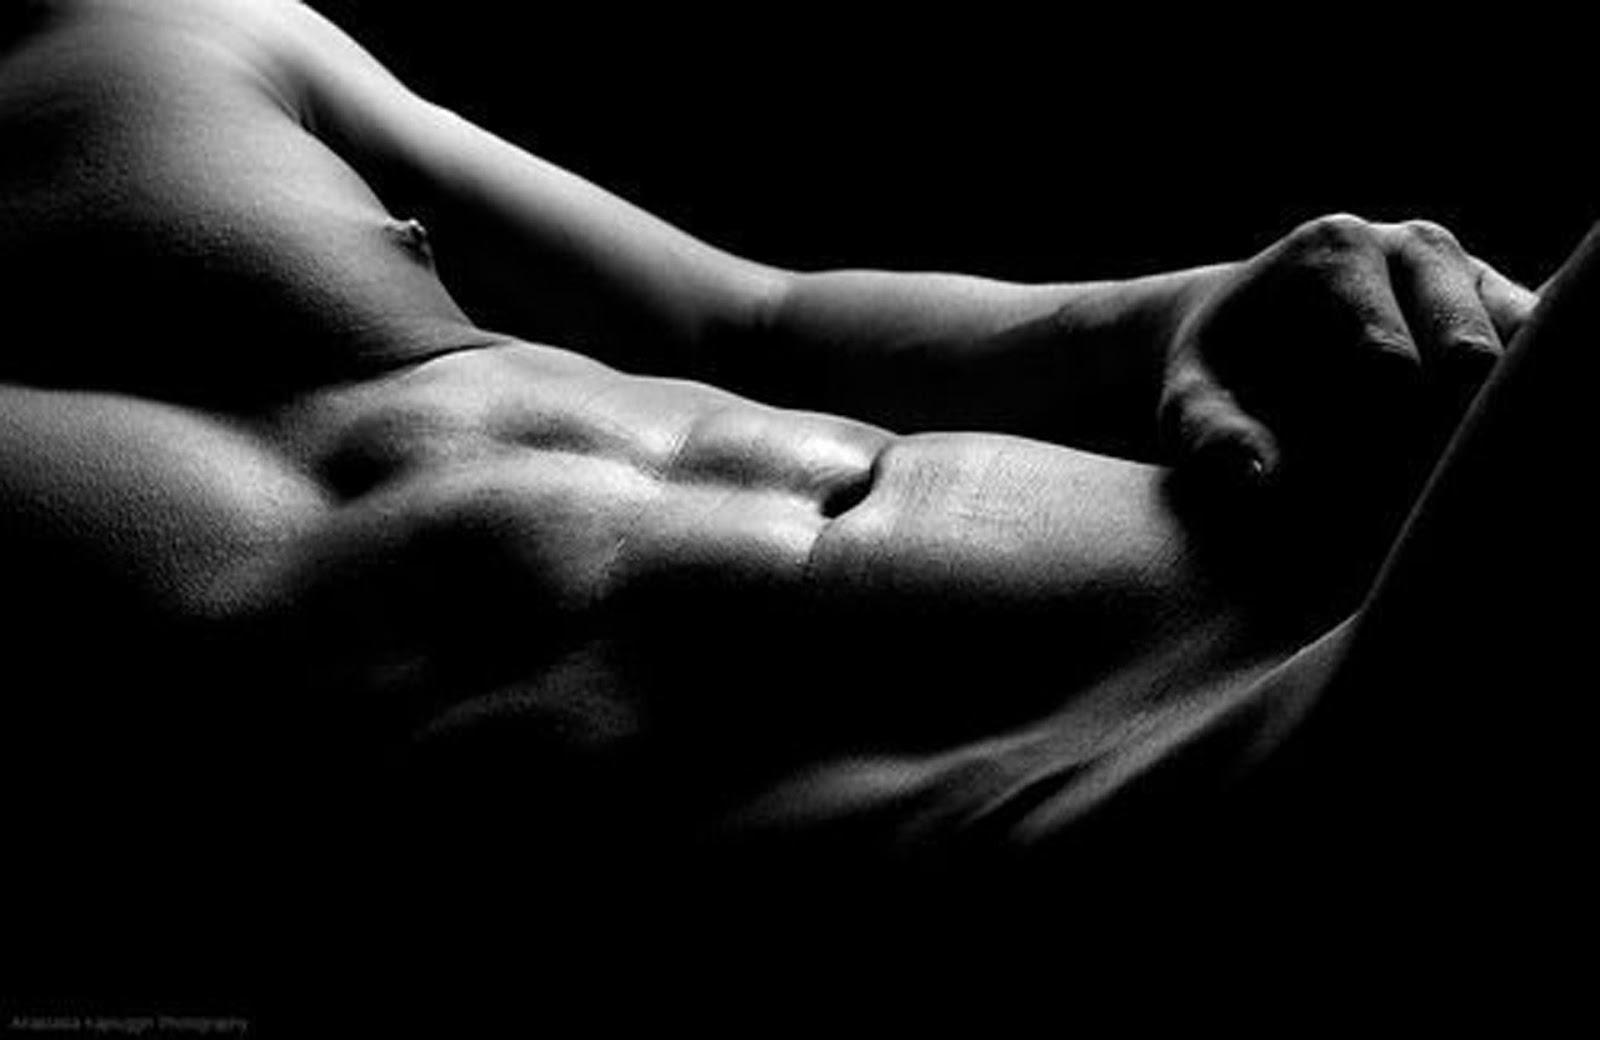 la ghiandola prostatica fornisce lo sperma con a